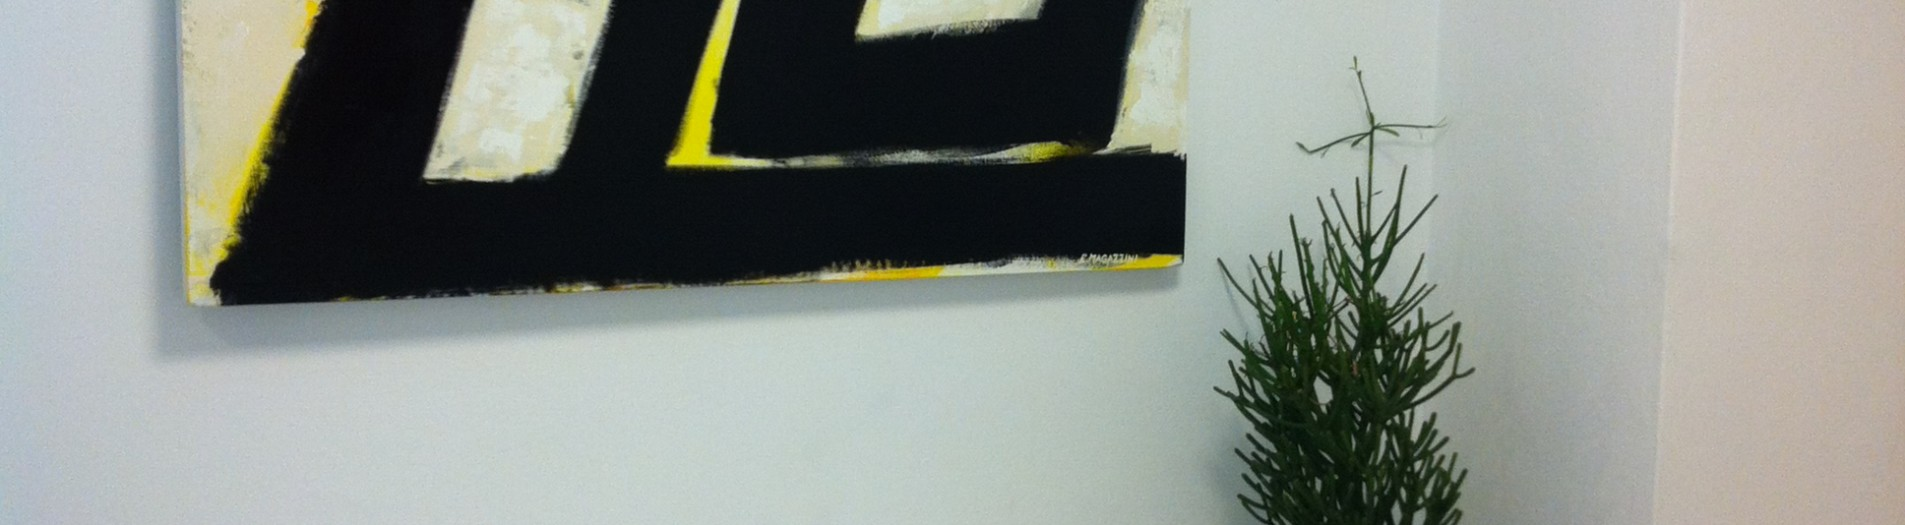 Doppio Scenario, 120 x 90 cm, pitture industriali su tela, 2013